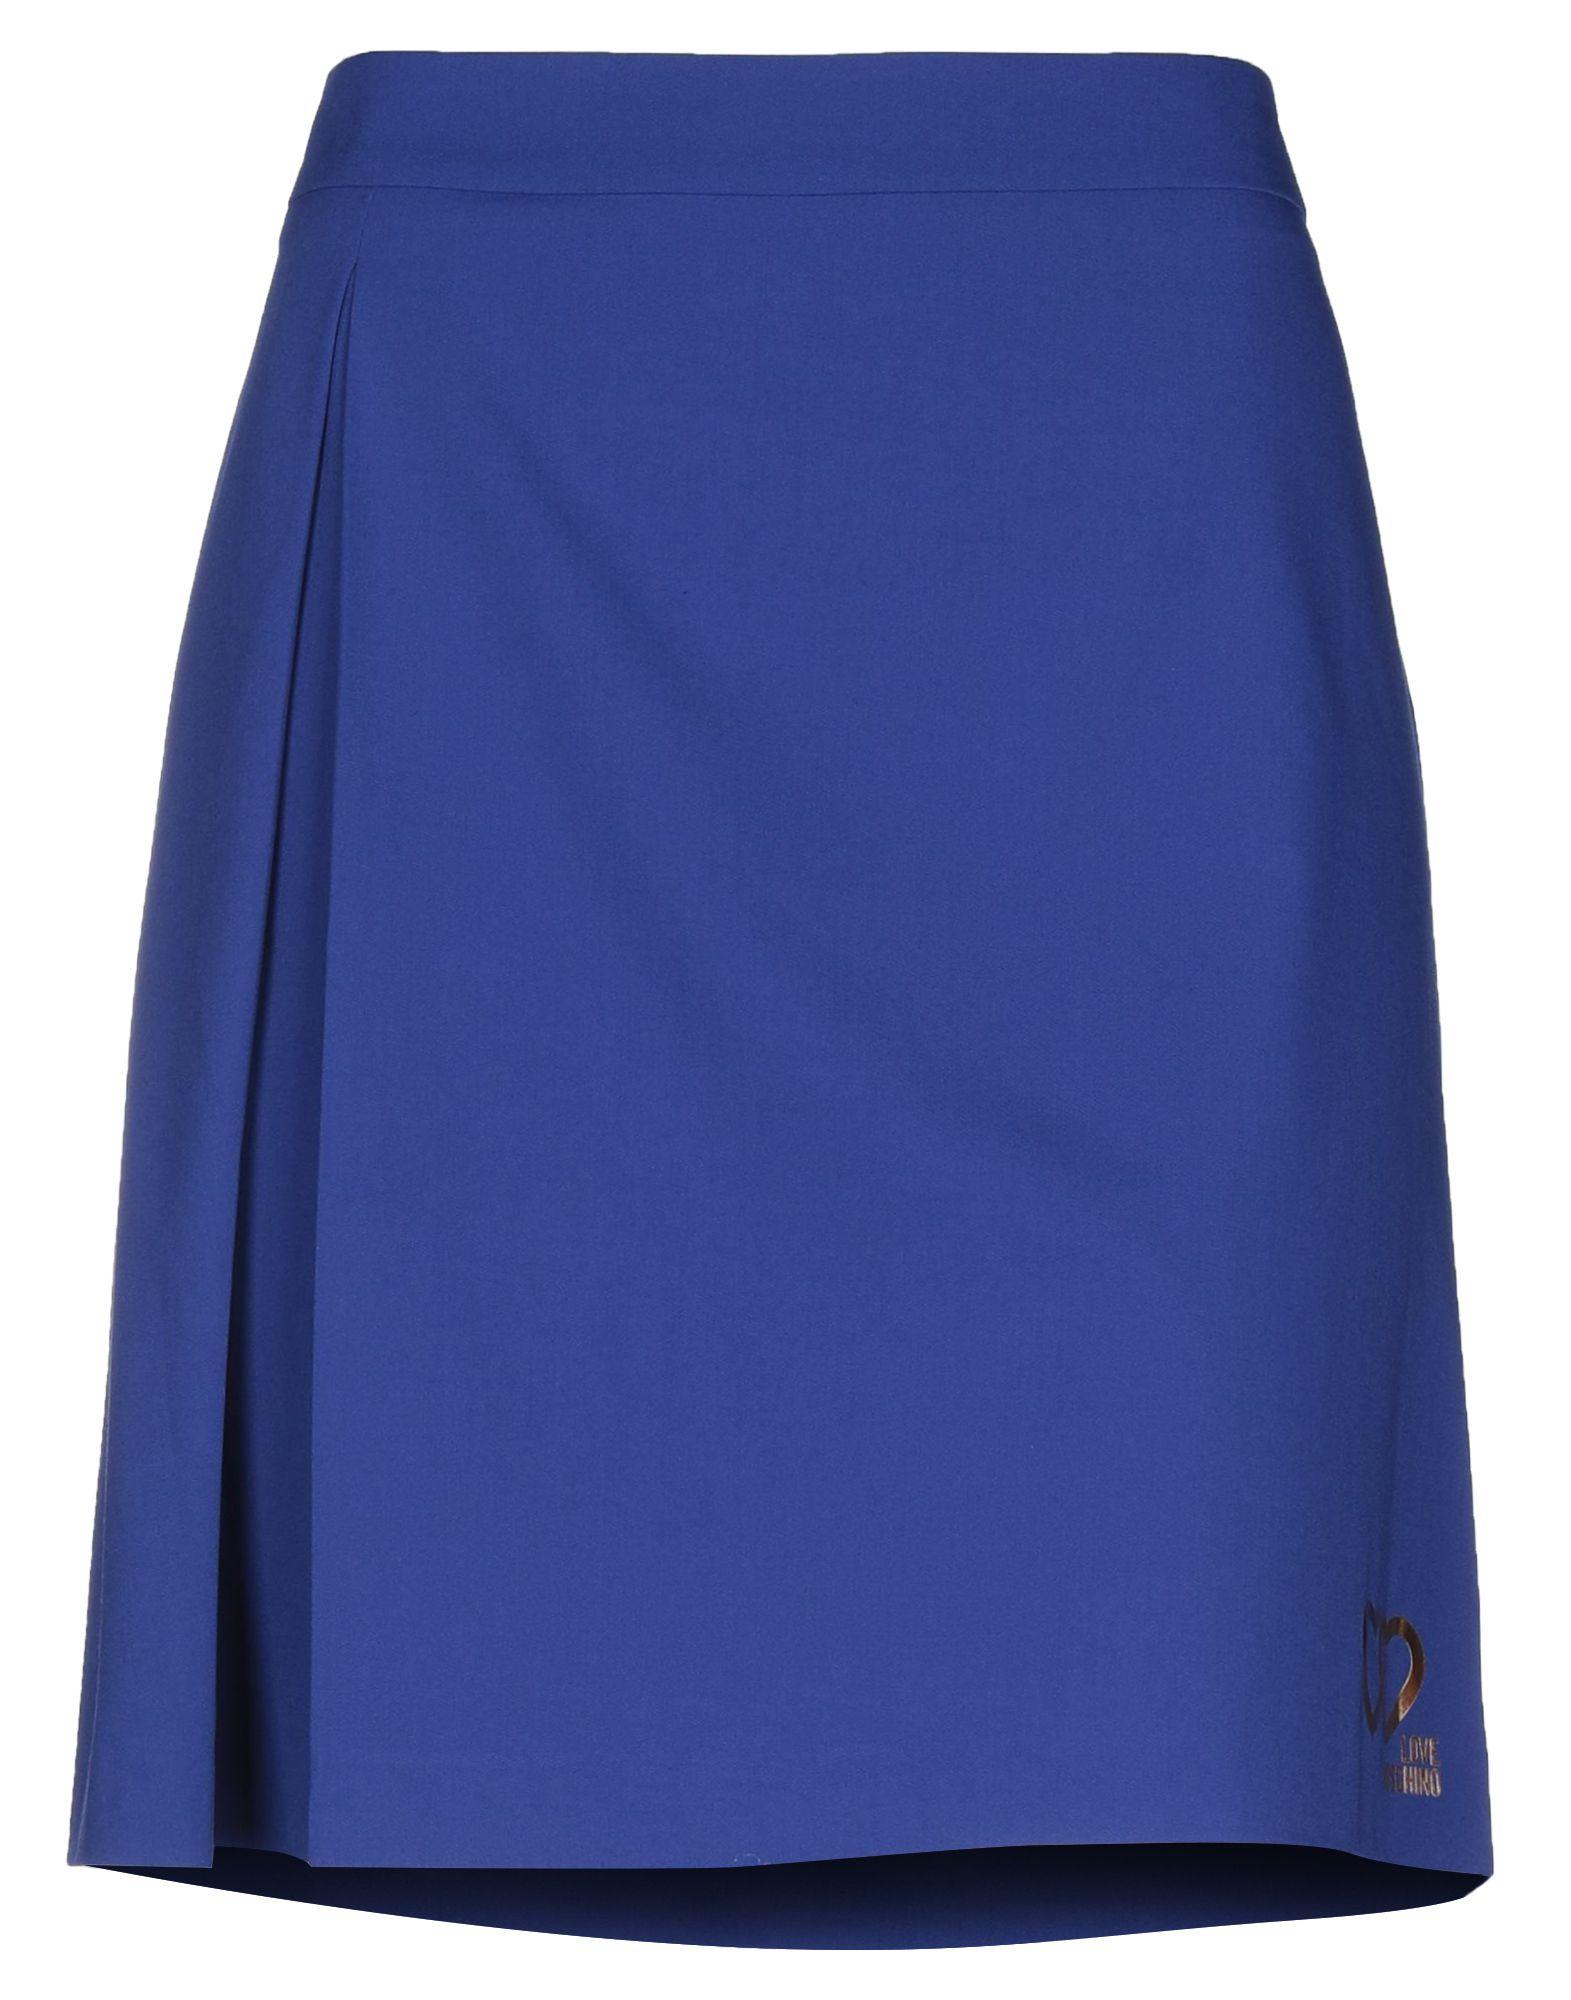 《セール開催中》LOVE MOSCHINO レディース ひざ丈スカート ブルー 40 ポリエステル 66% / レーヨン 28% / ポリウレタン 6%